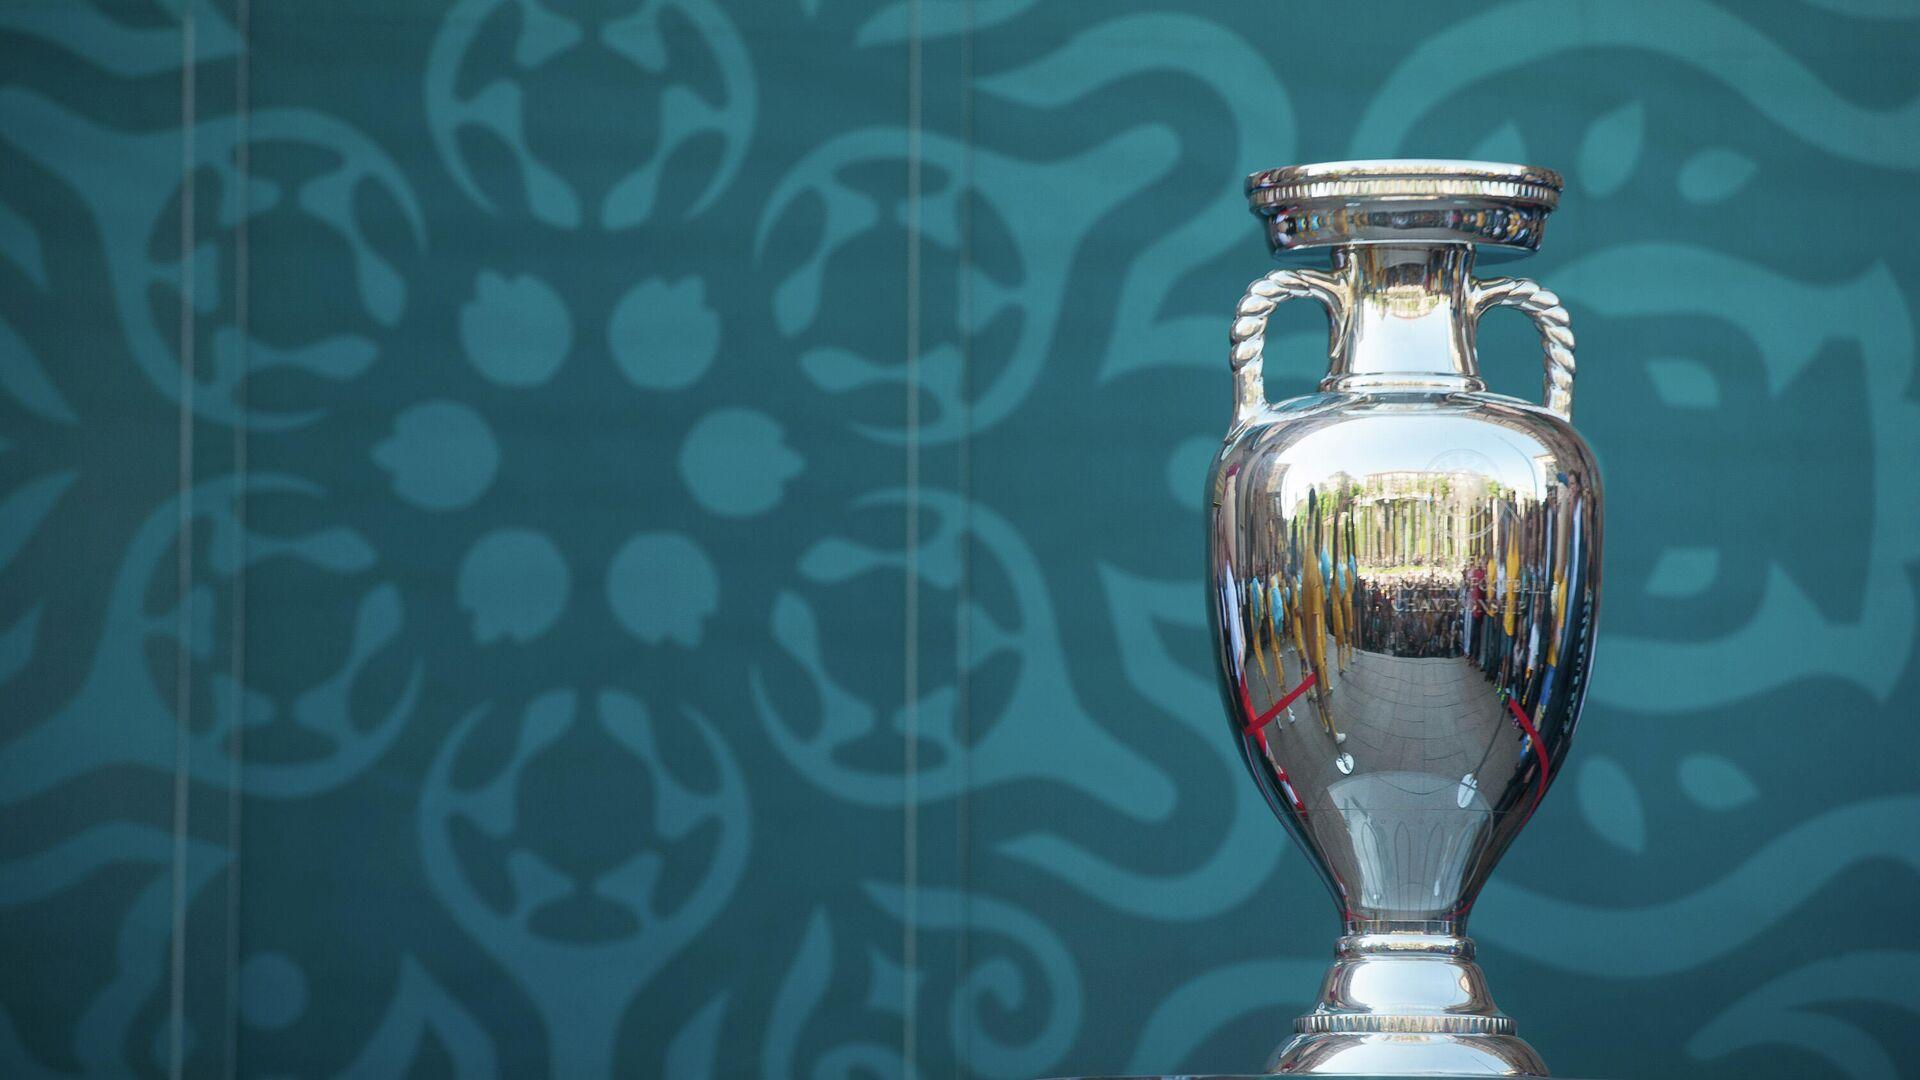 Кубок чемпионата Европы по футболу - РИА Новости, 1920, 24.03.2020